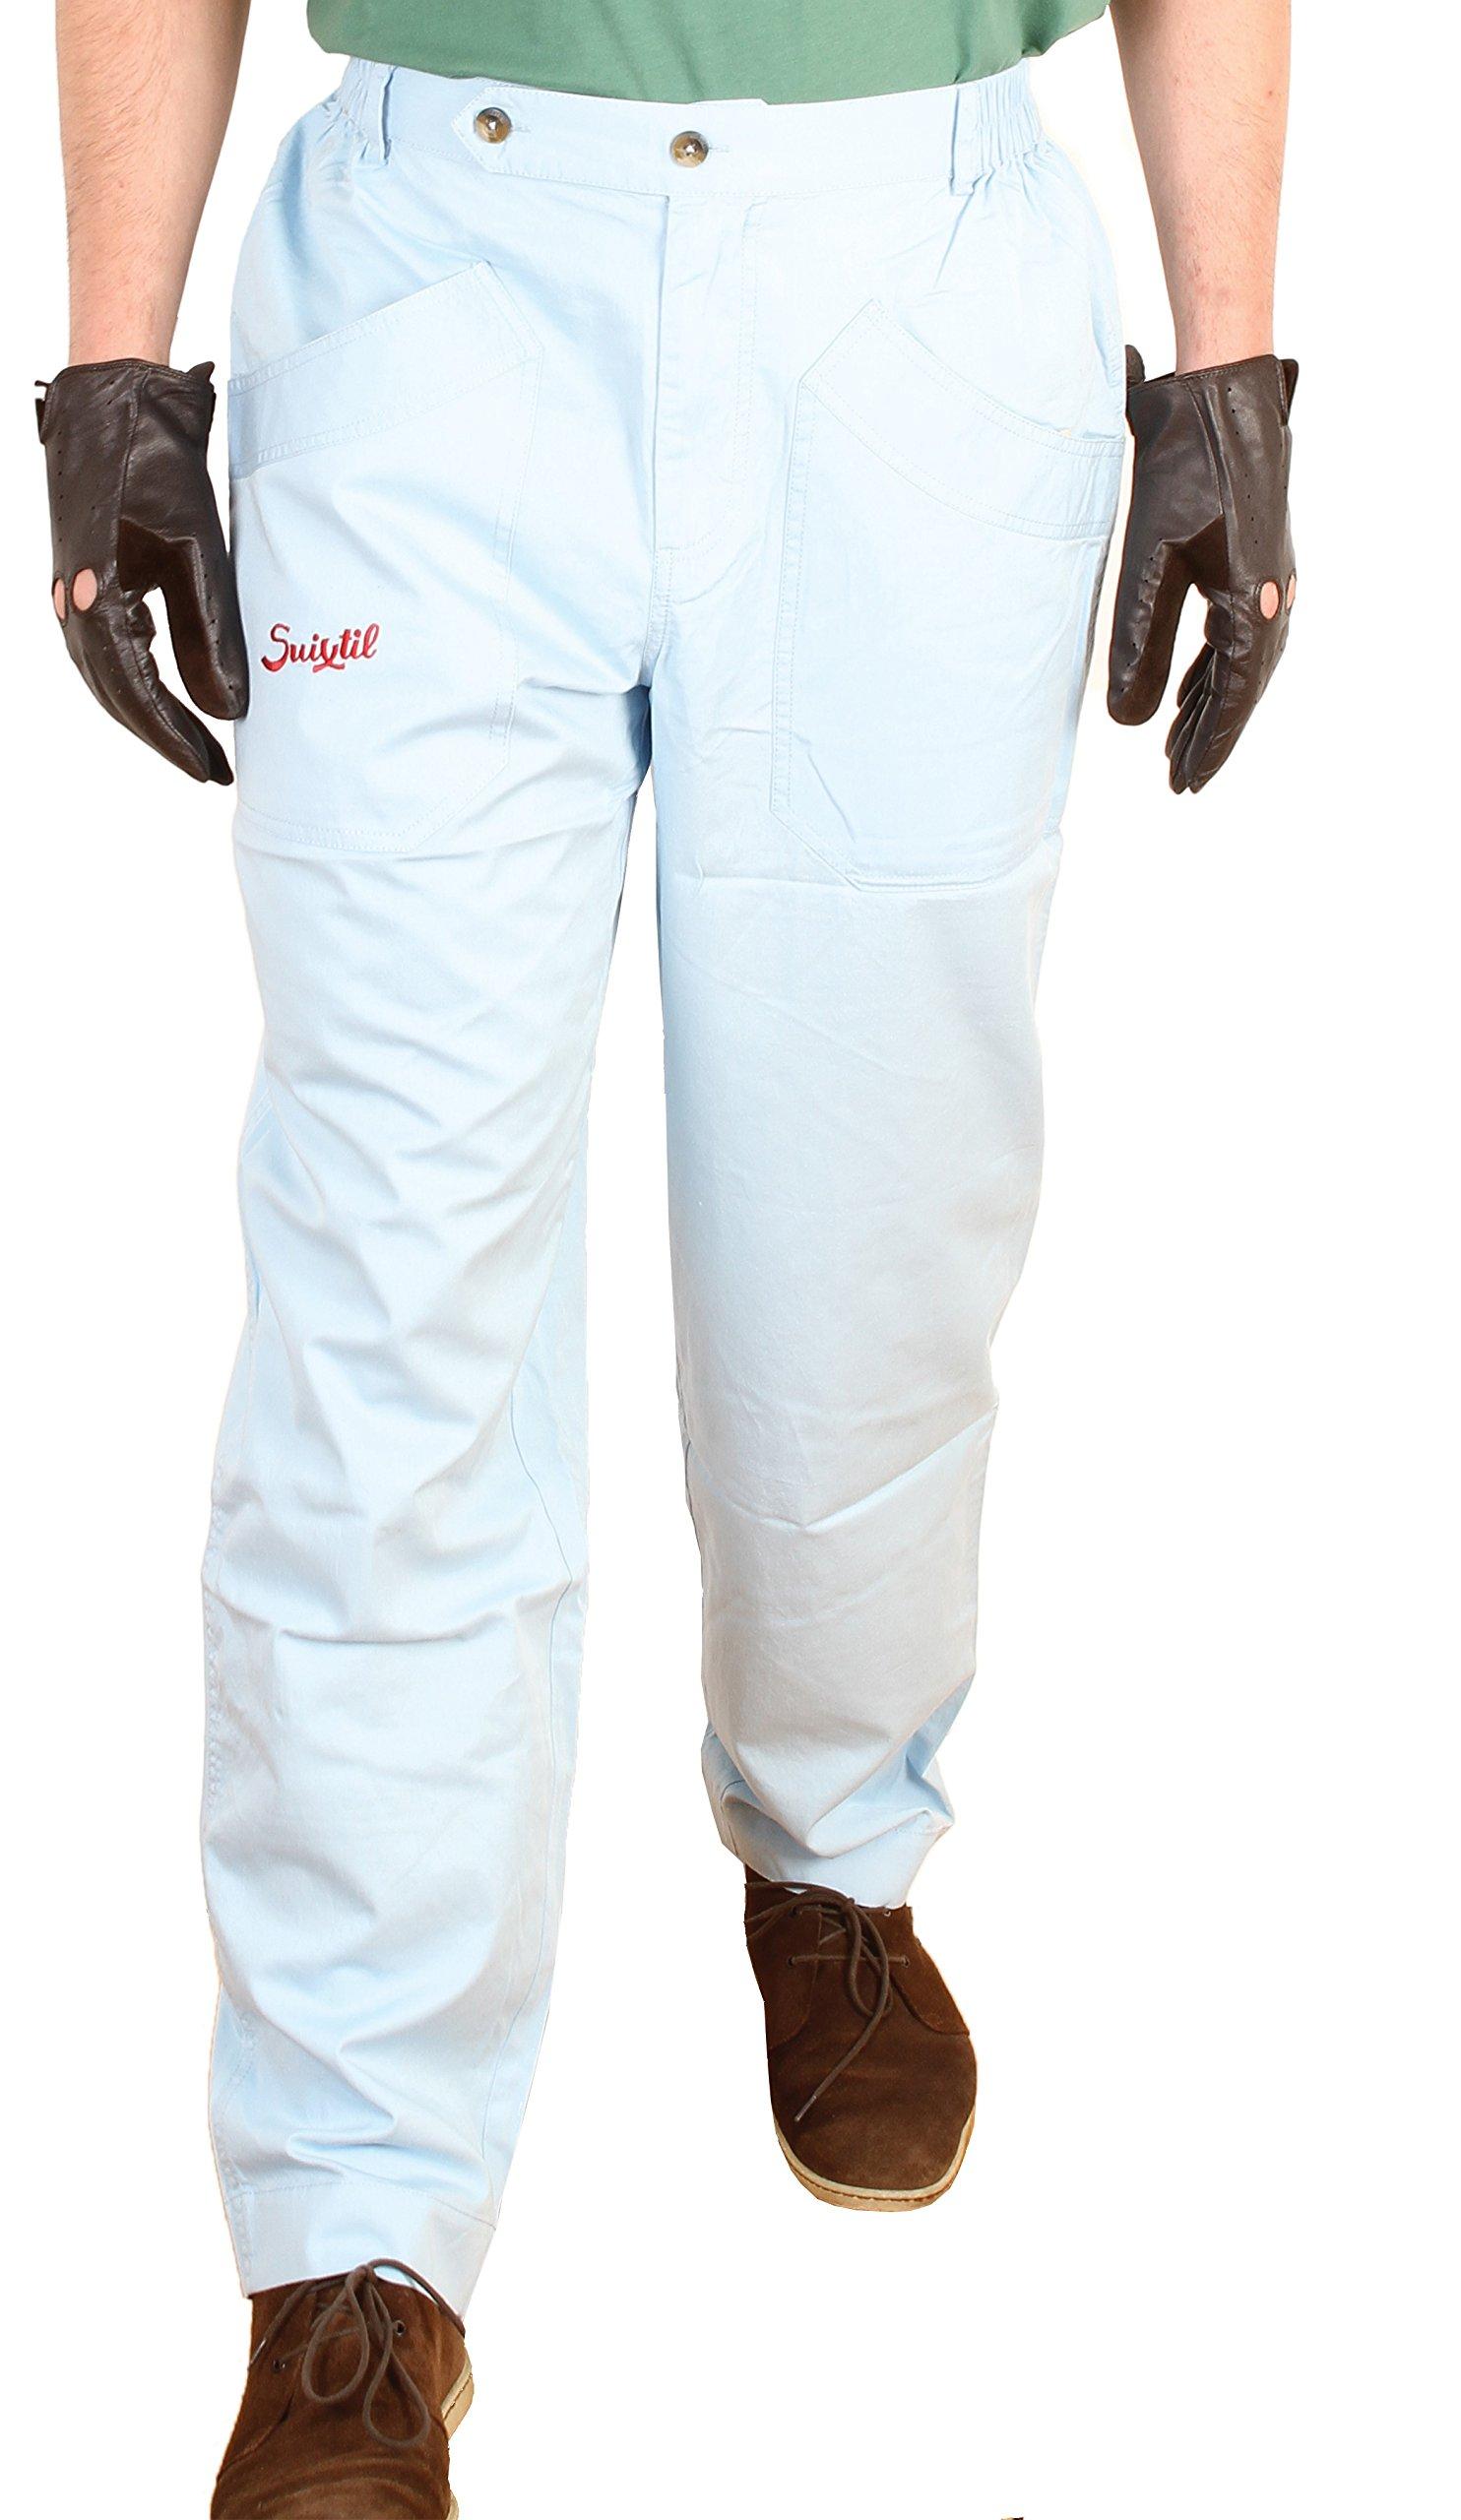 Suixtil Men's 100% Fine Cotton Twill Modena Race Pant, Argentine Blue, 42/34